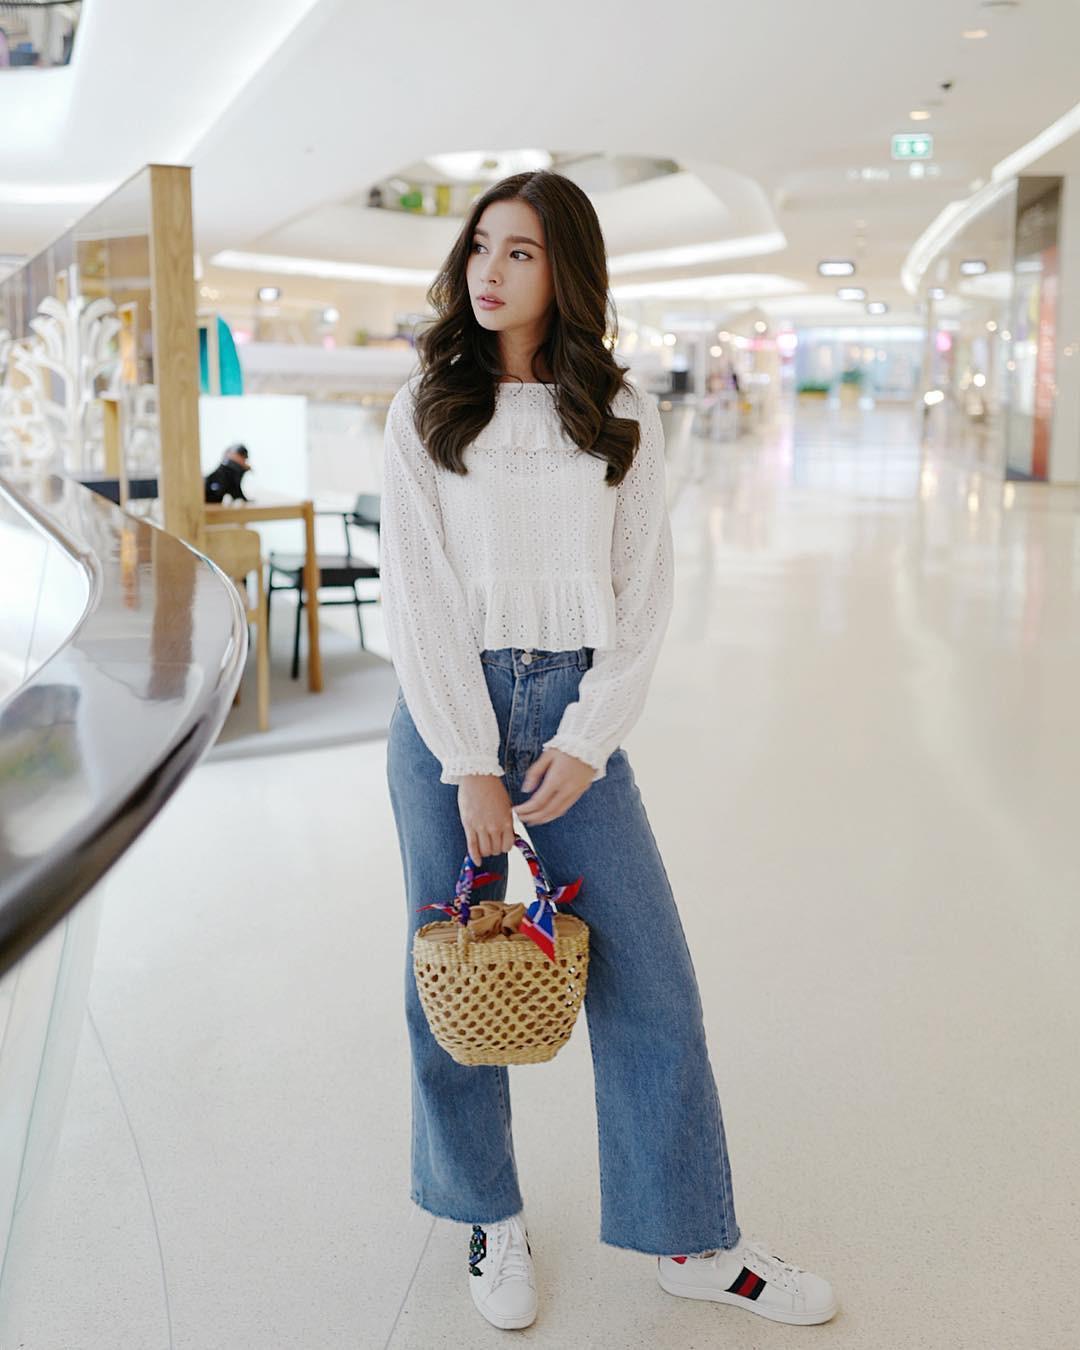 Đừng nghĩ mặc jeans là không điệu được, cứ nhìn các nàng blogger lên đồ cực xinh qua 15 set đồ này sẽ biết ngay - Ảnh 4.